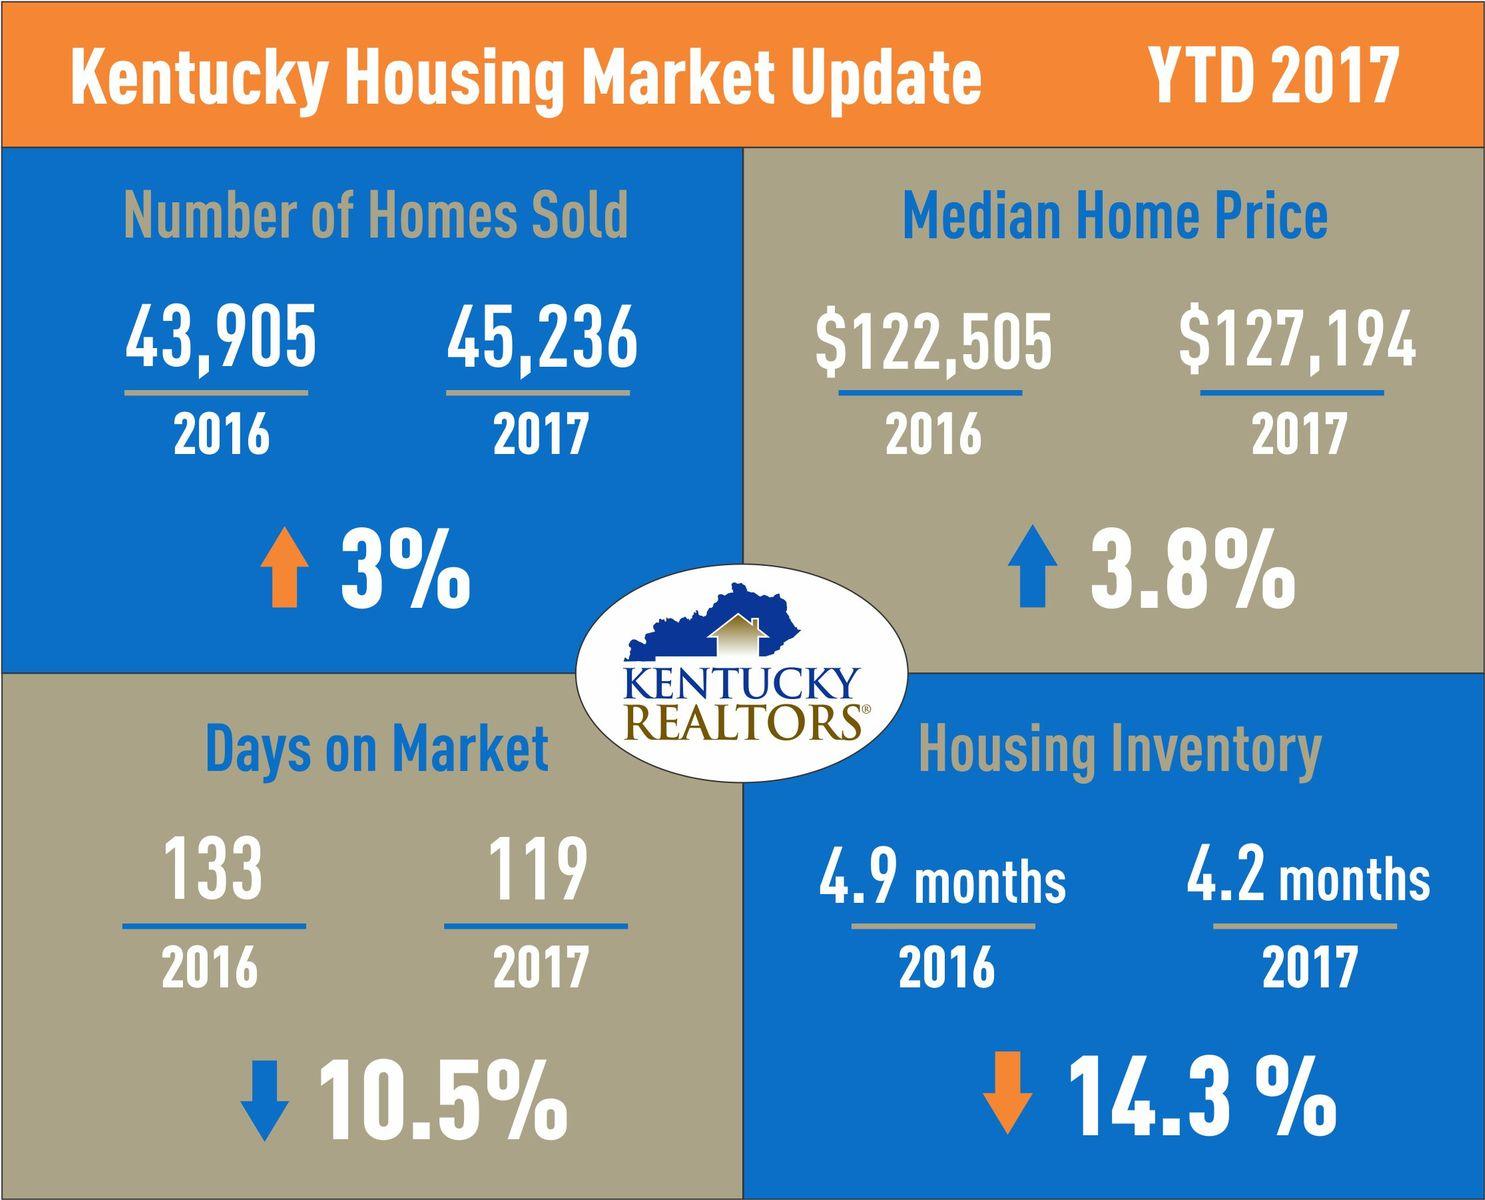 Kentucky Housing Market Update Oct 2017 YTD